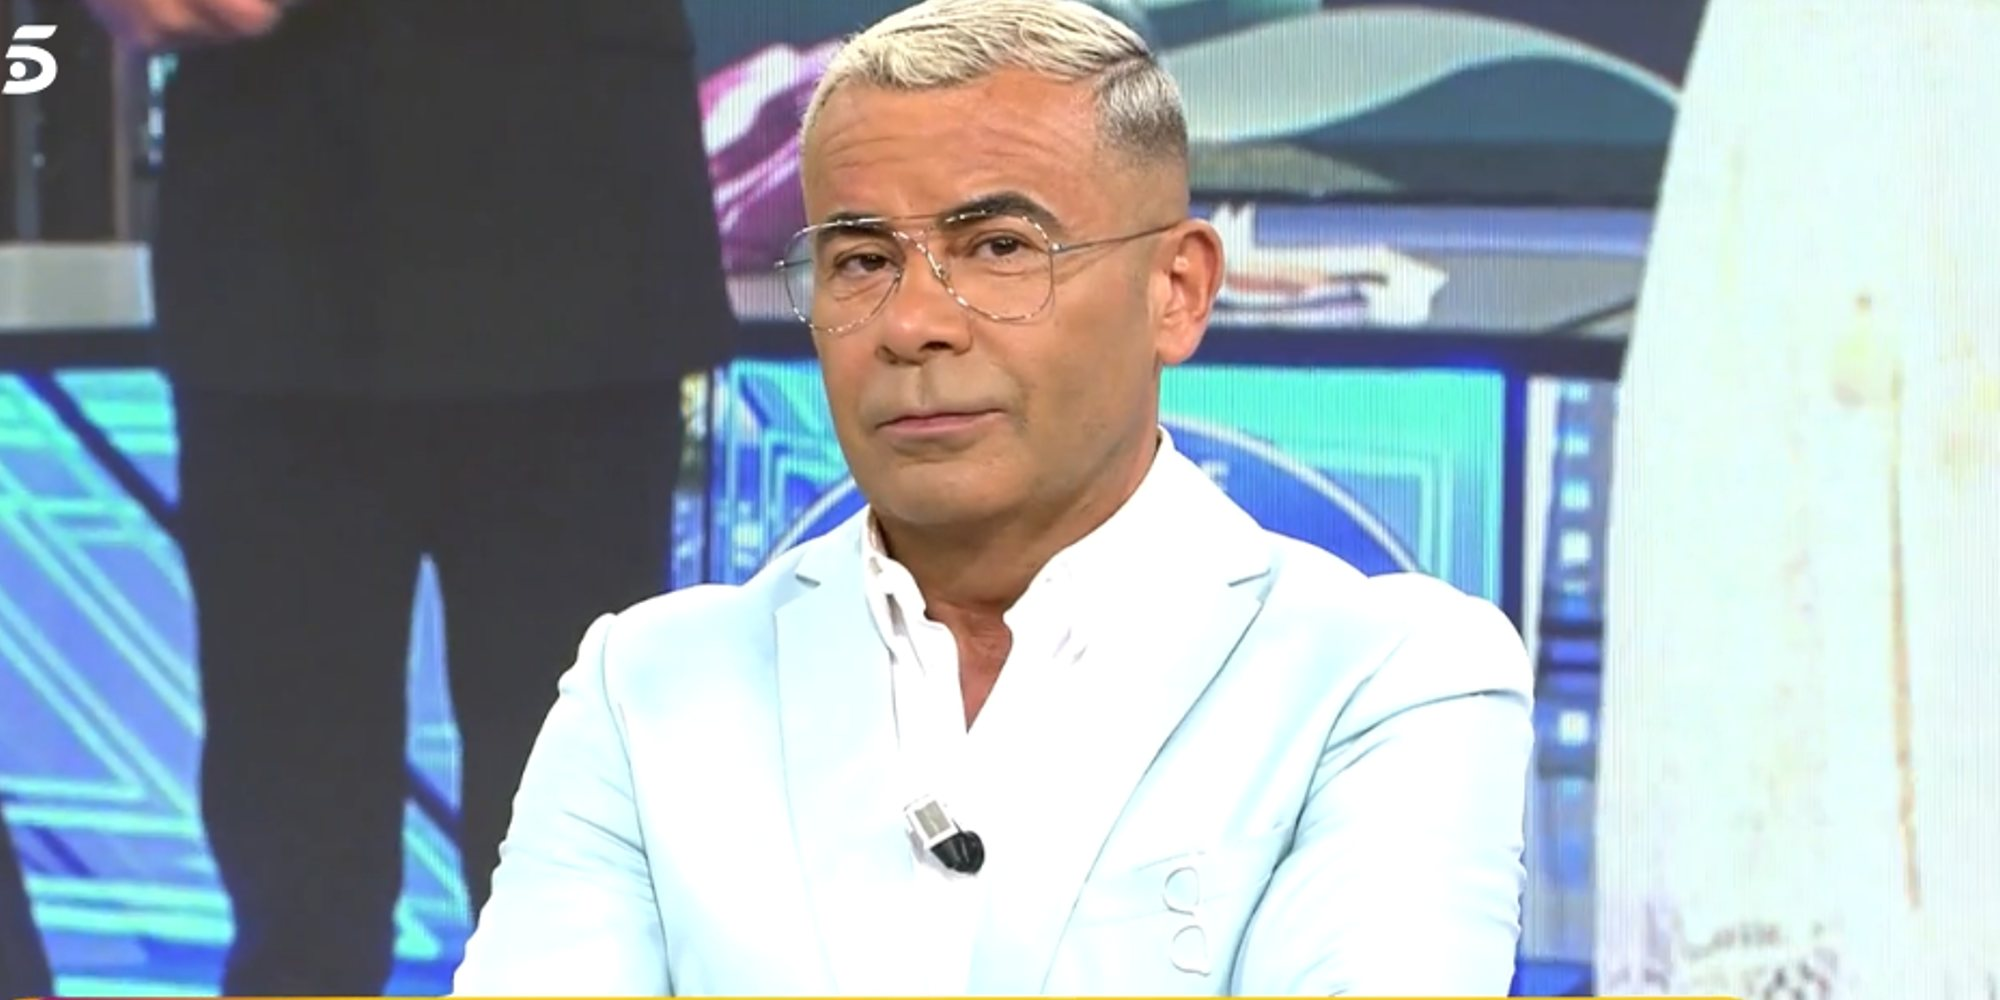 Jorge Javier Vázquez vuelve a protagonizar un encontronazo con Antonio Montero por la ideología